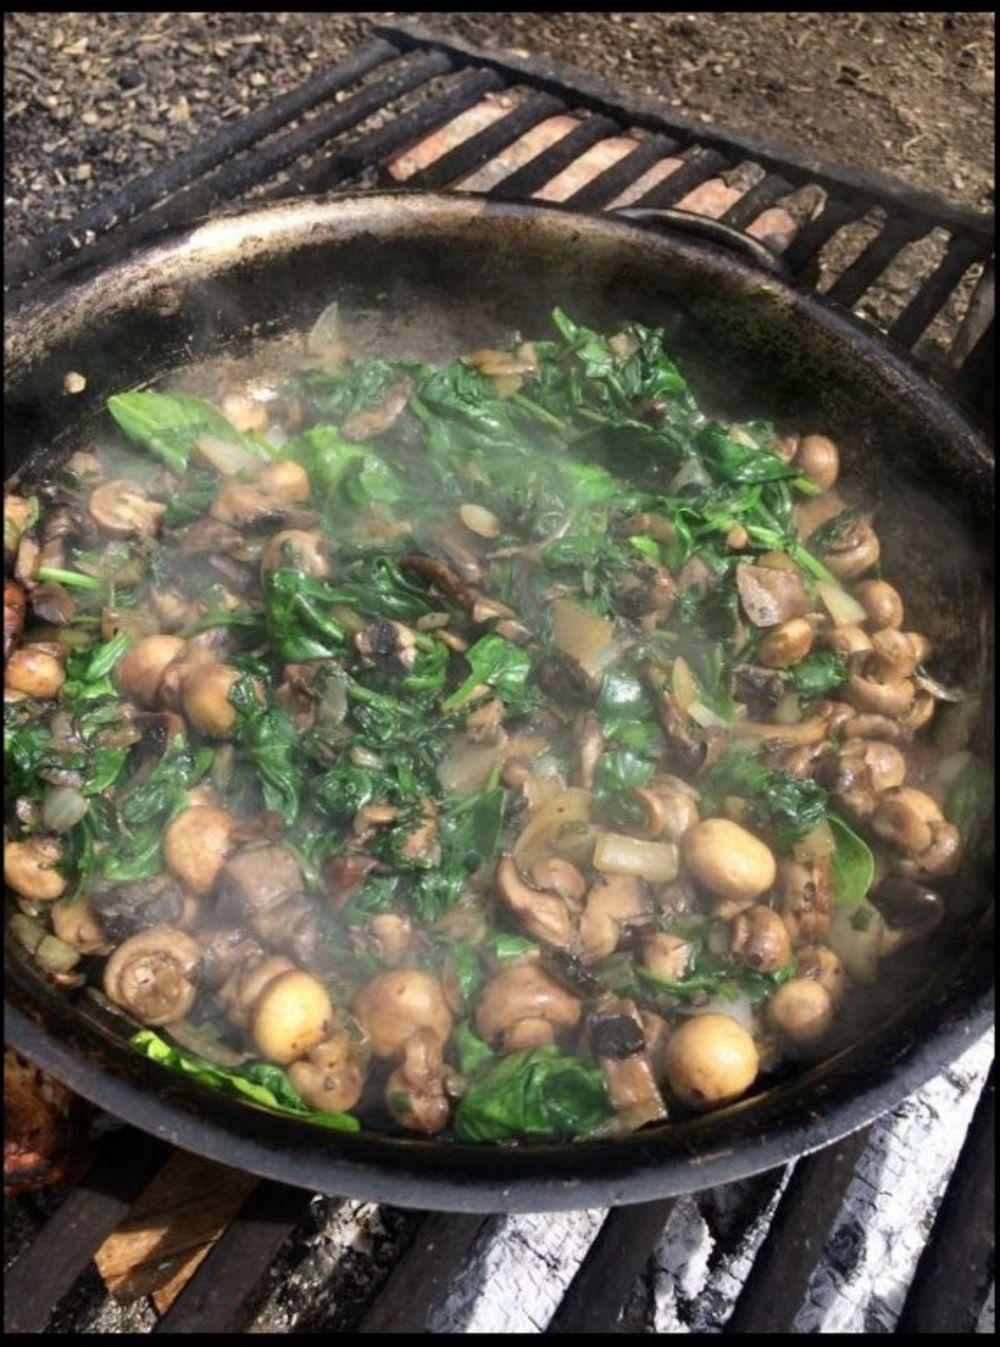 Kuva se hrana pronađena u šumi. Svi učestvuju u spremanju ručka. Foto: Profimedia